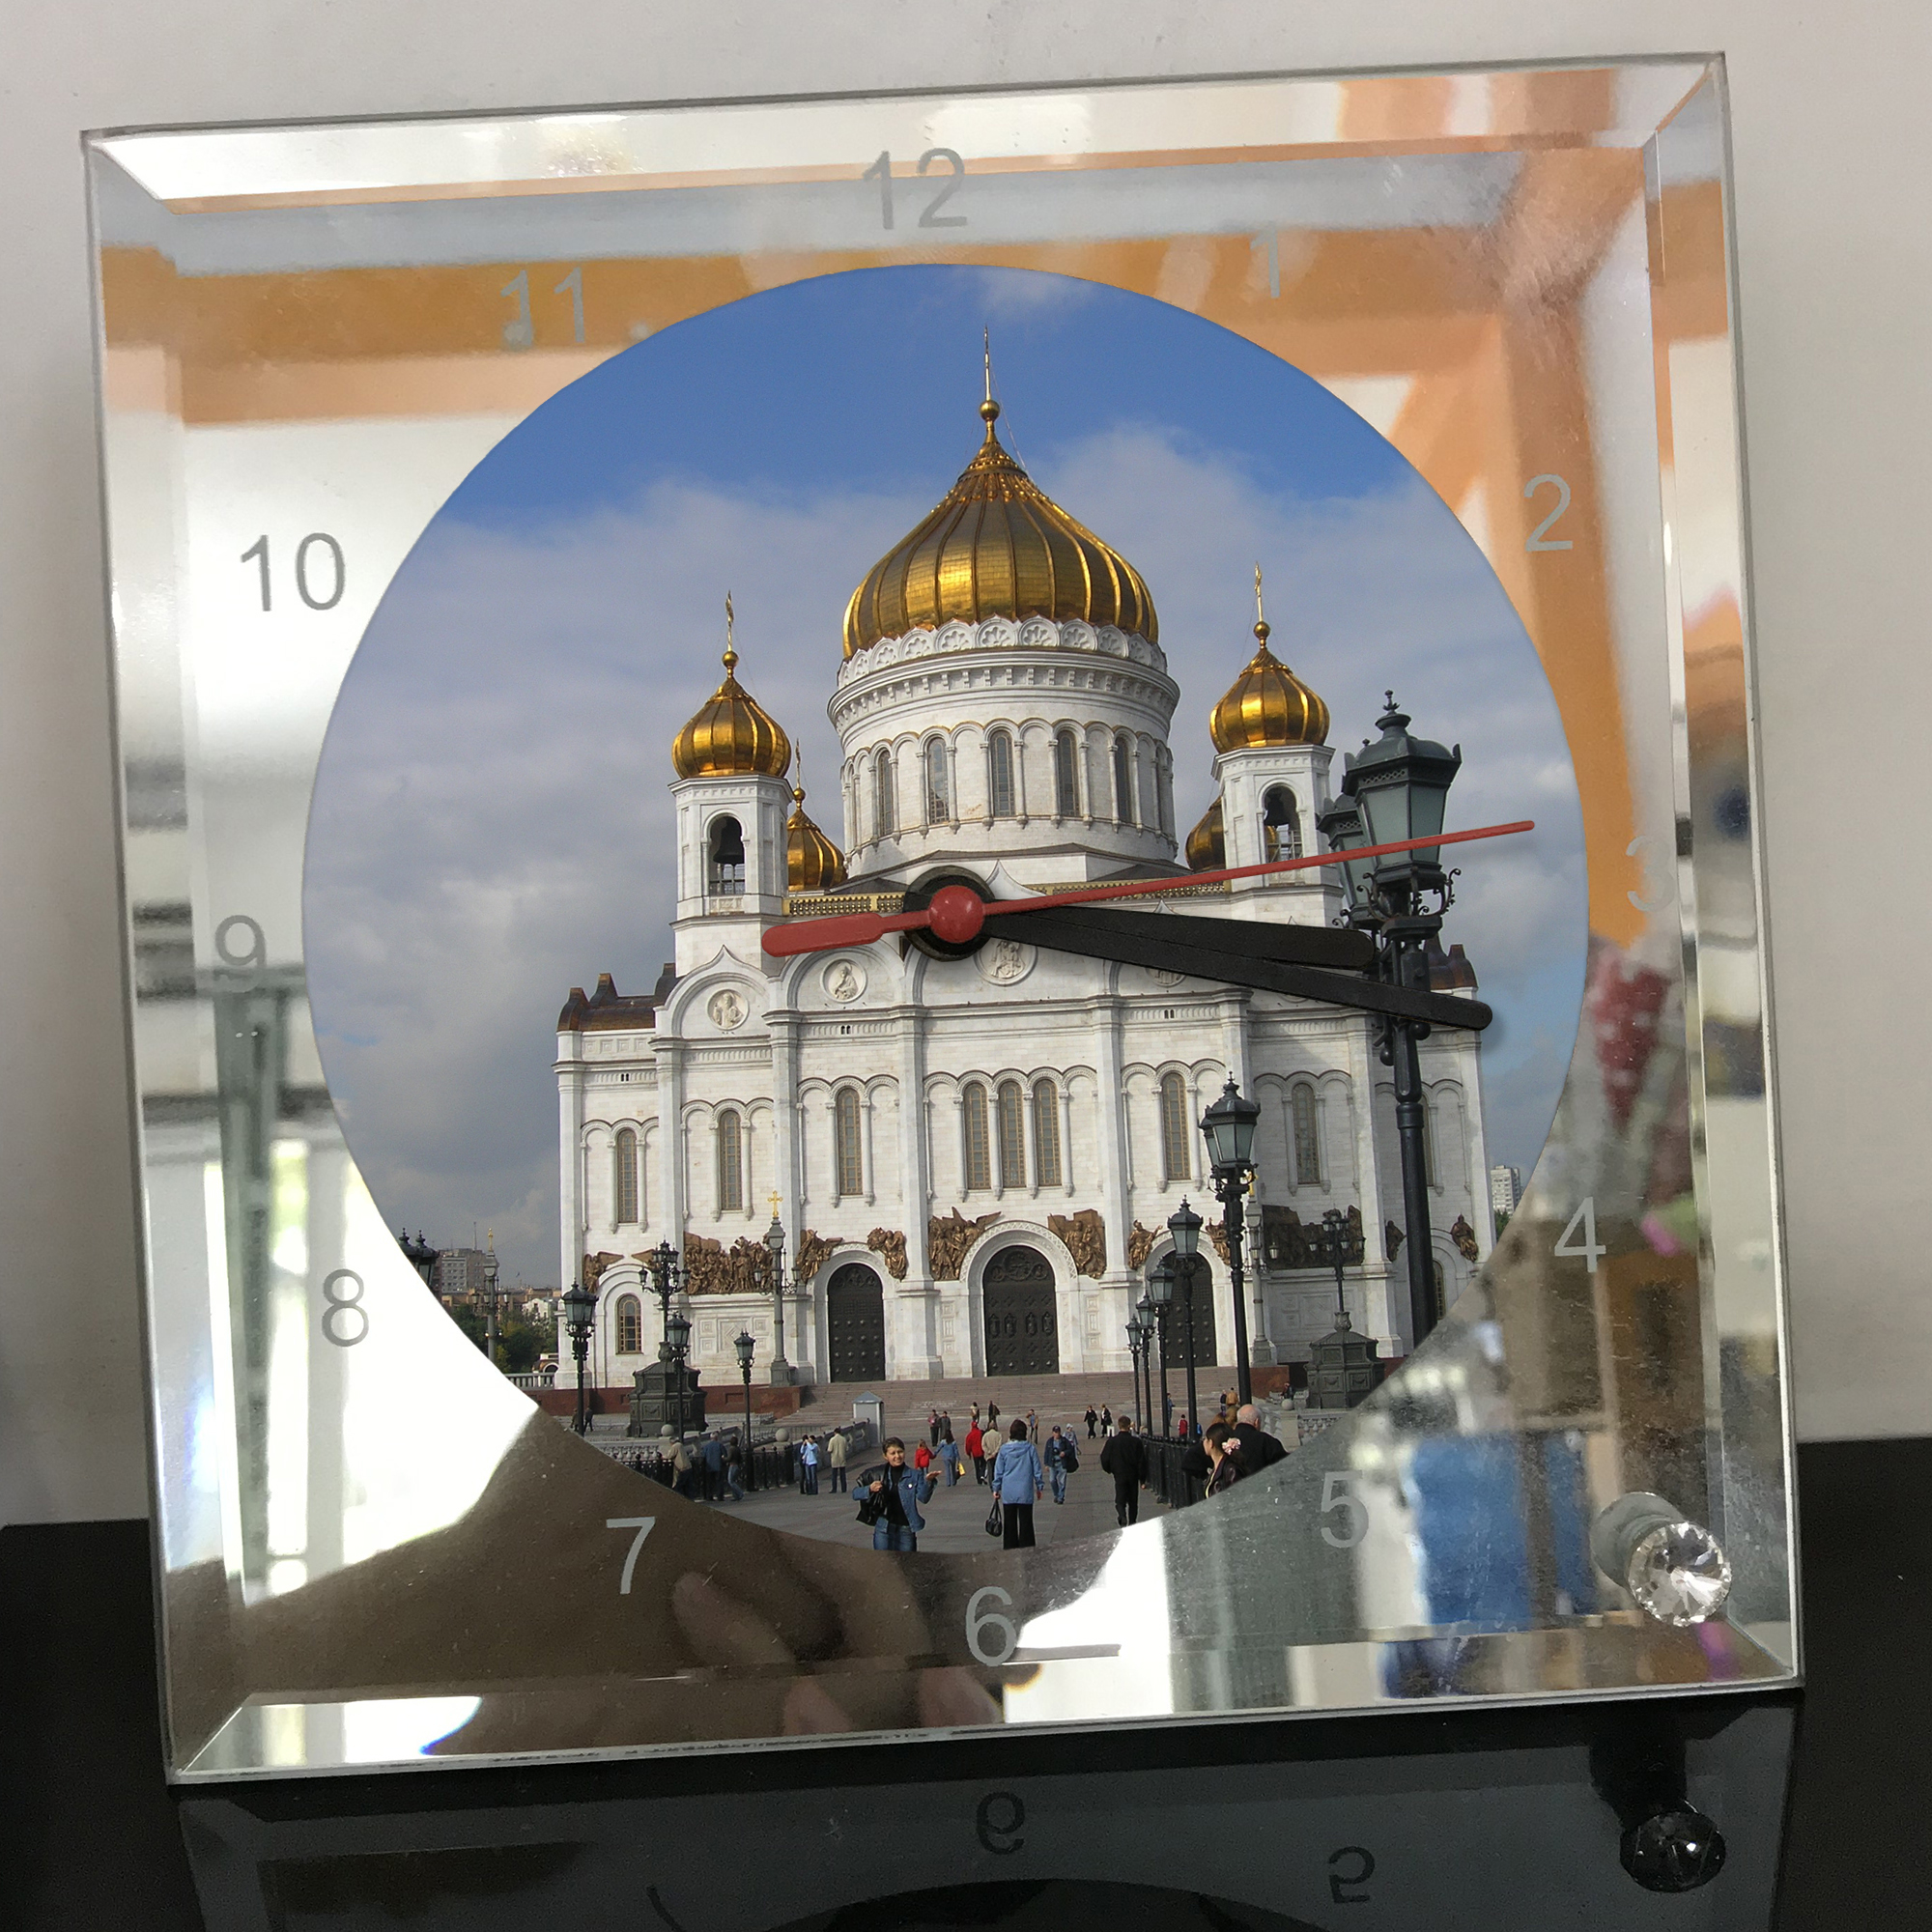 Đồng hồ thủy tinh vuông 20x20 in hình Cathedral Of Christ the saviour (10) . Đồng hồ thủy tinh để bàn trang trí đẹp chủ đề tôn giáo